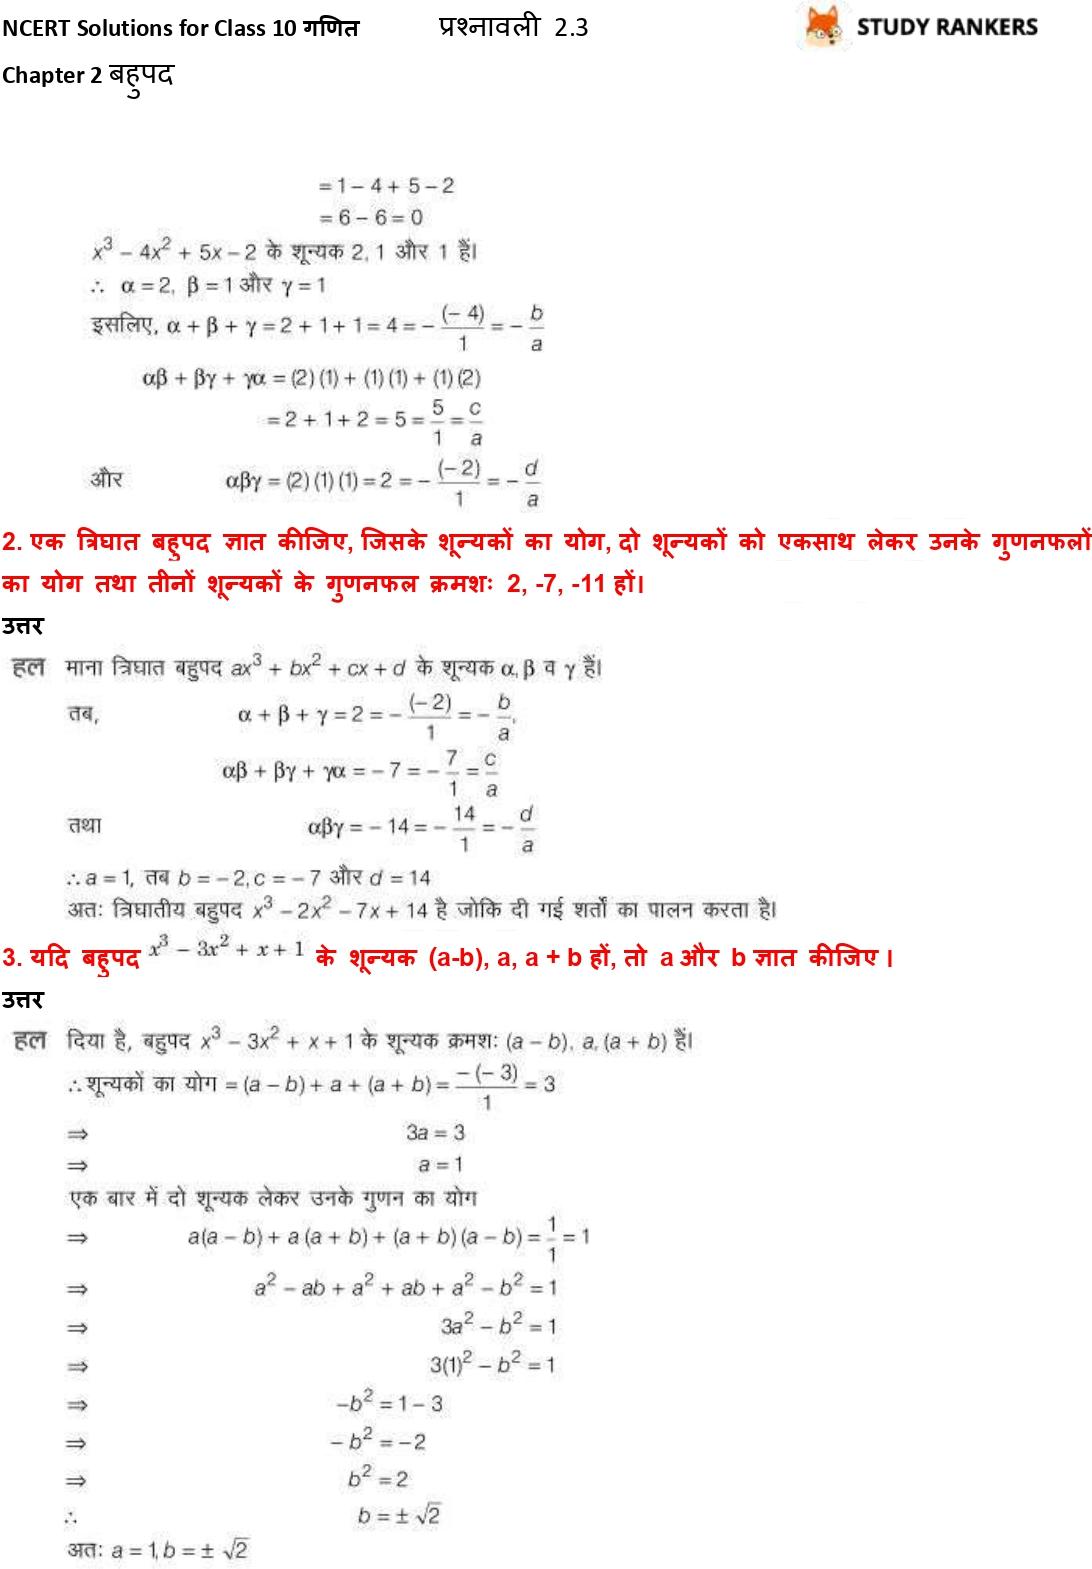 NCERT Solutions for Class 10 Maths Chapter 2 बहुपद प्रश्नावली 2.3 Part 2